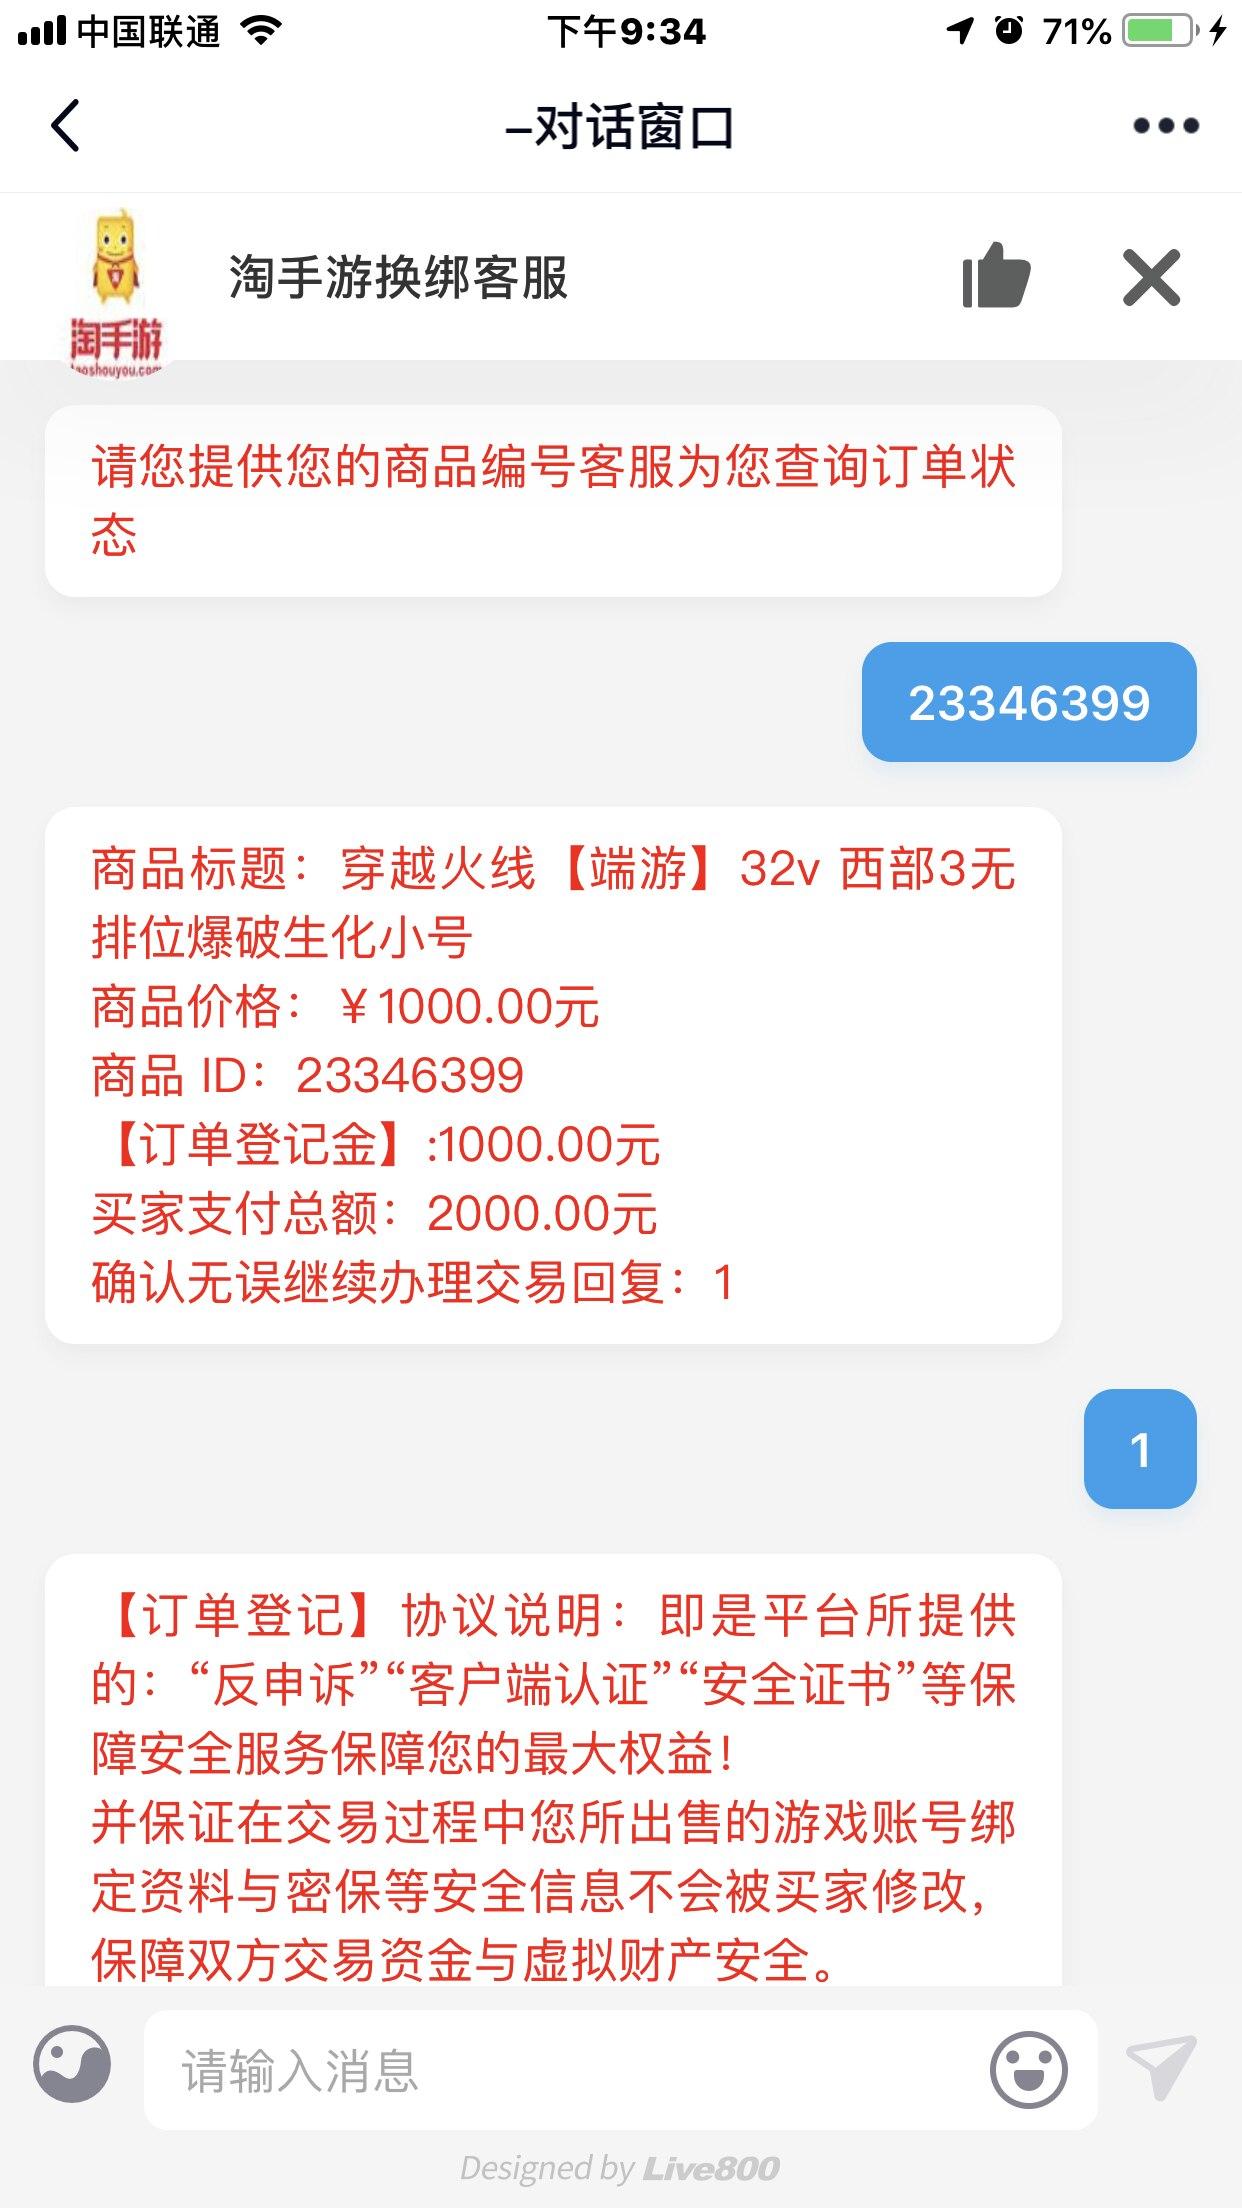 【骗子曝光】QQ:2732172374 淘手游APP会伪造付款成功和官方网站骗cf账号_涉及1000元图片5